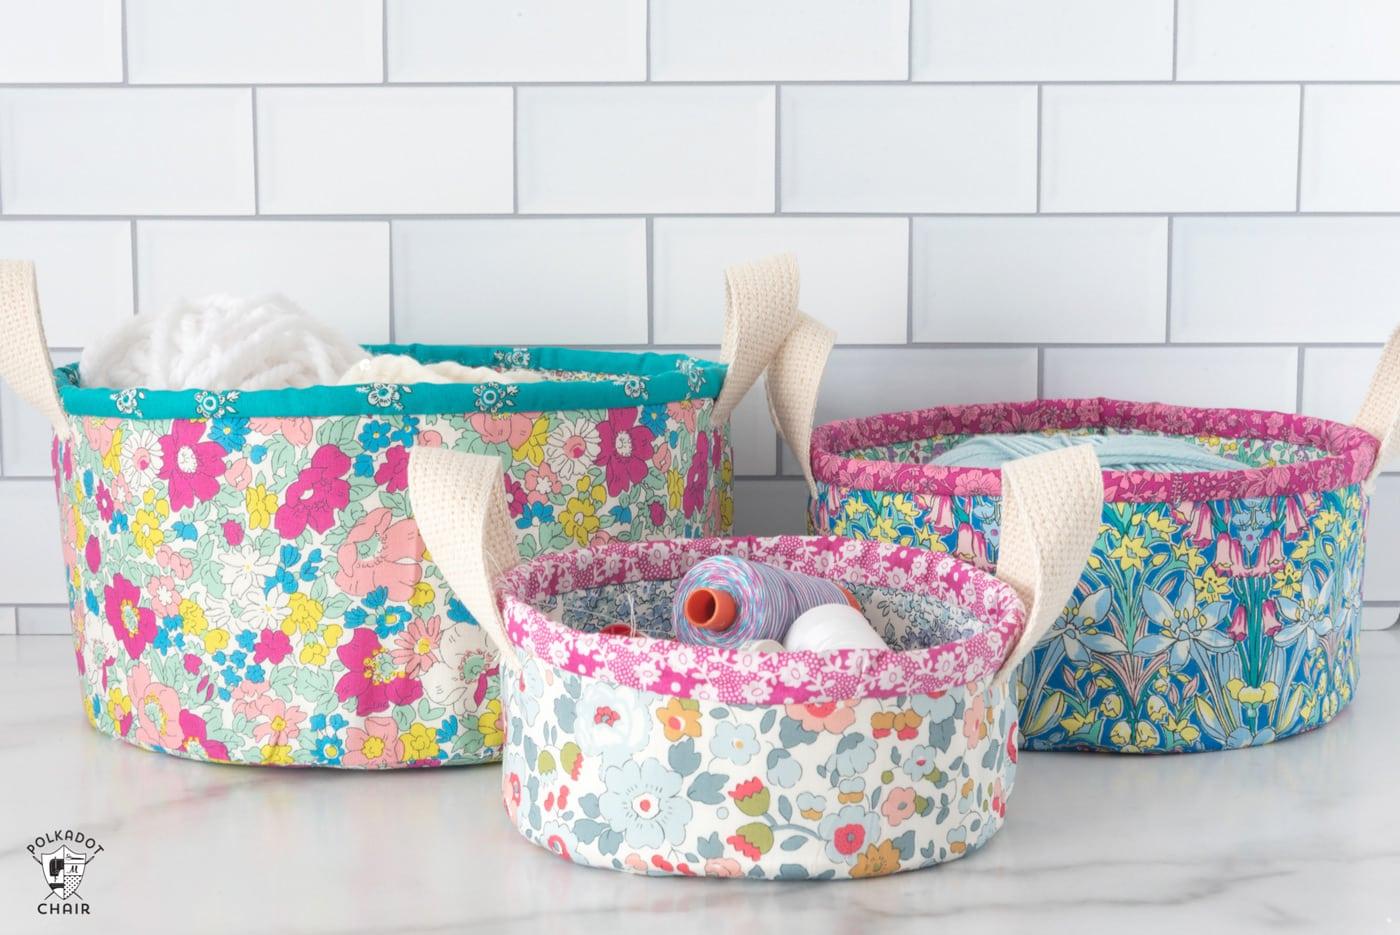 New Nesting Fabric Baskets Sewing Pattern